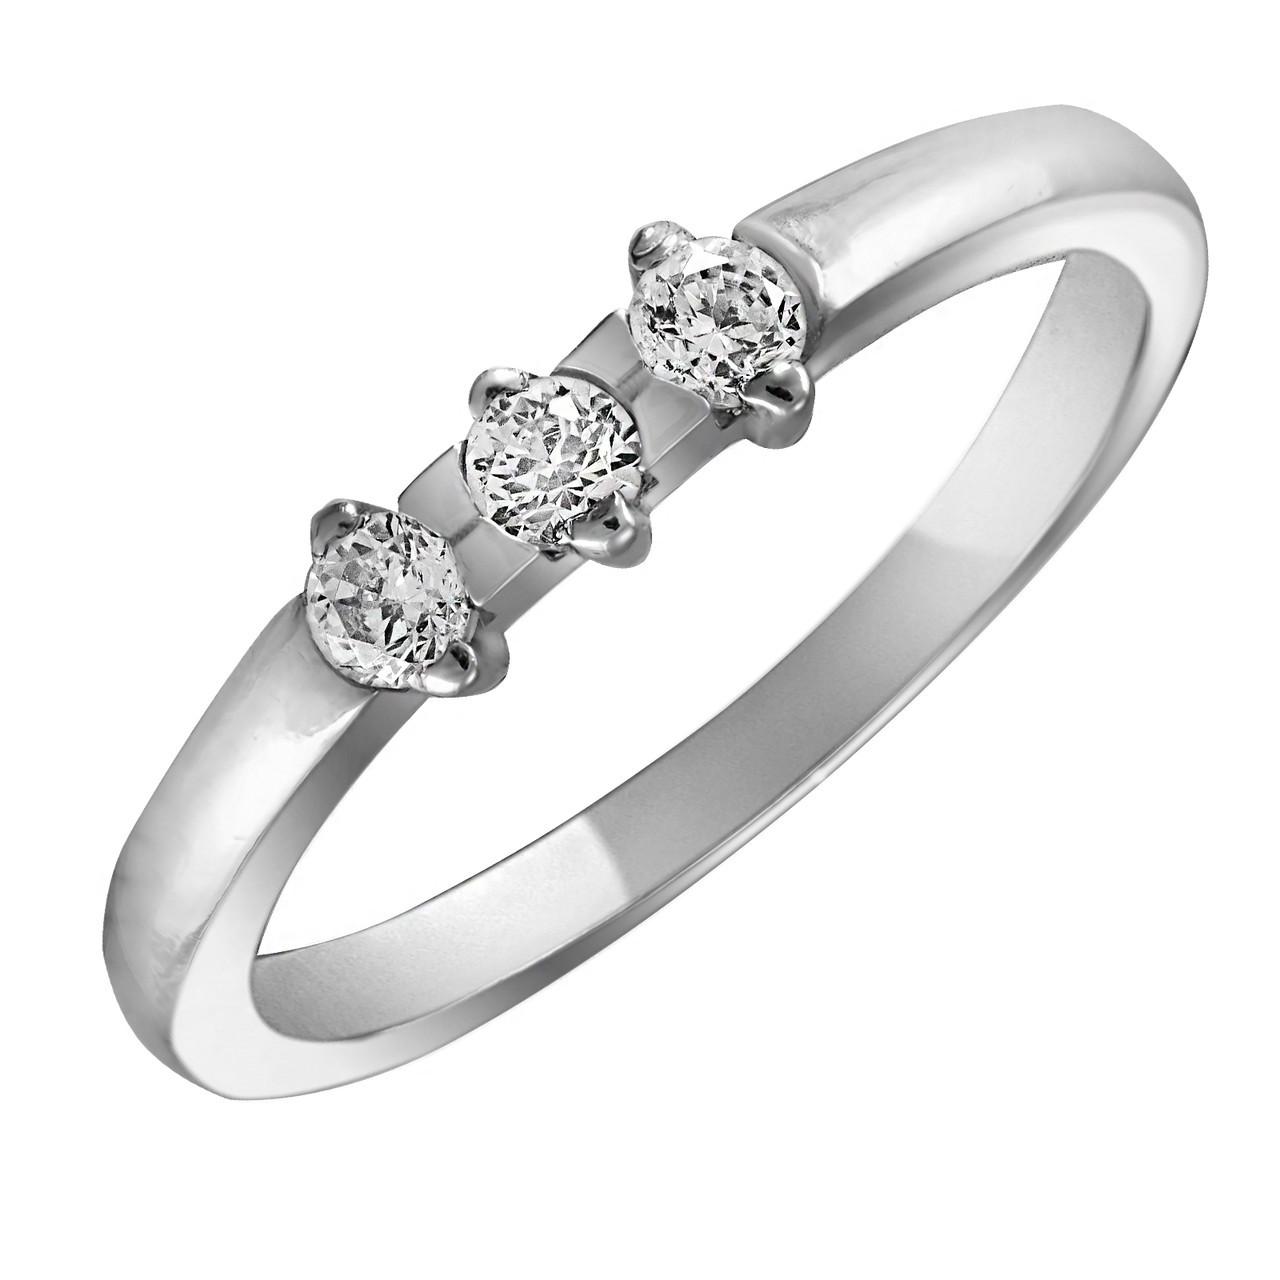 Кольцо из серебра с кубическим цирконием Twiddle Jewelry 19.5 размер (К002-19.5)